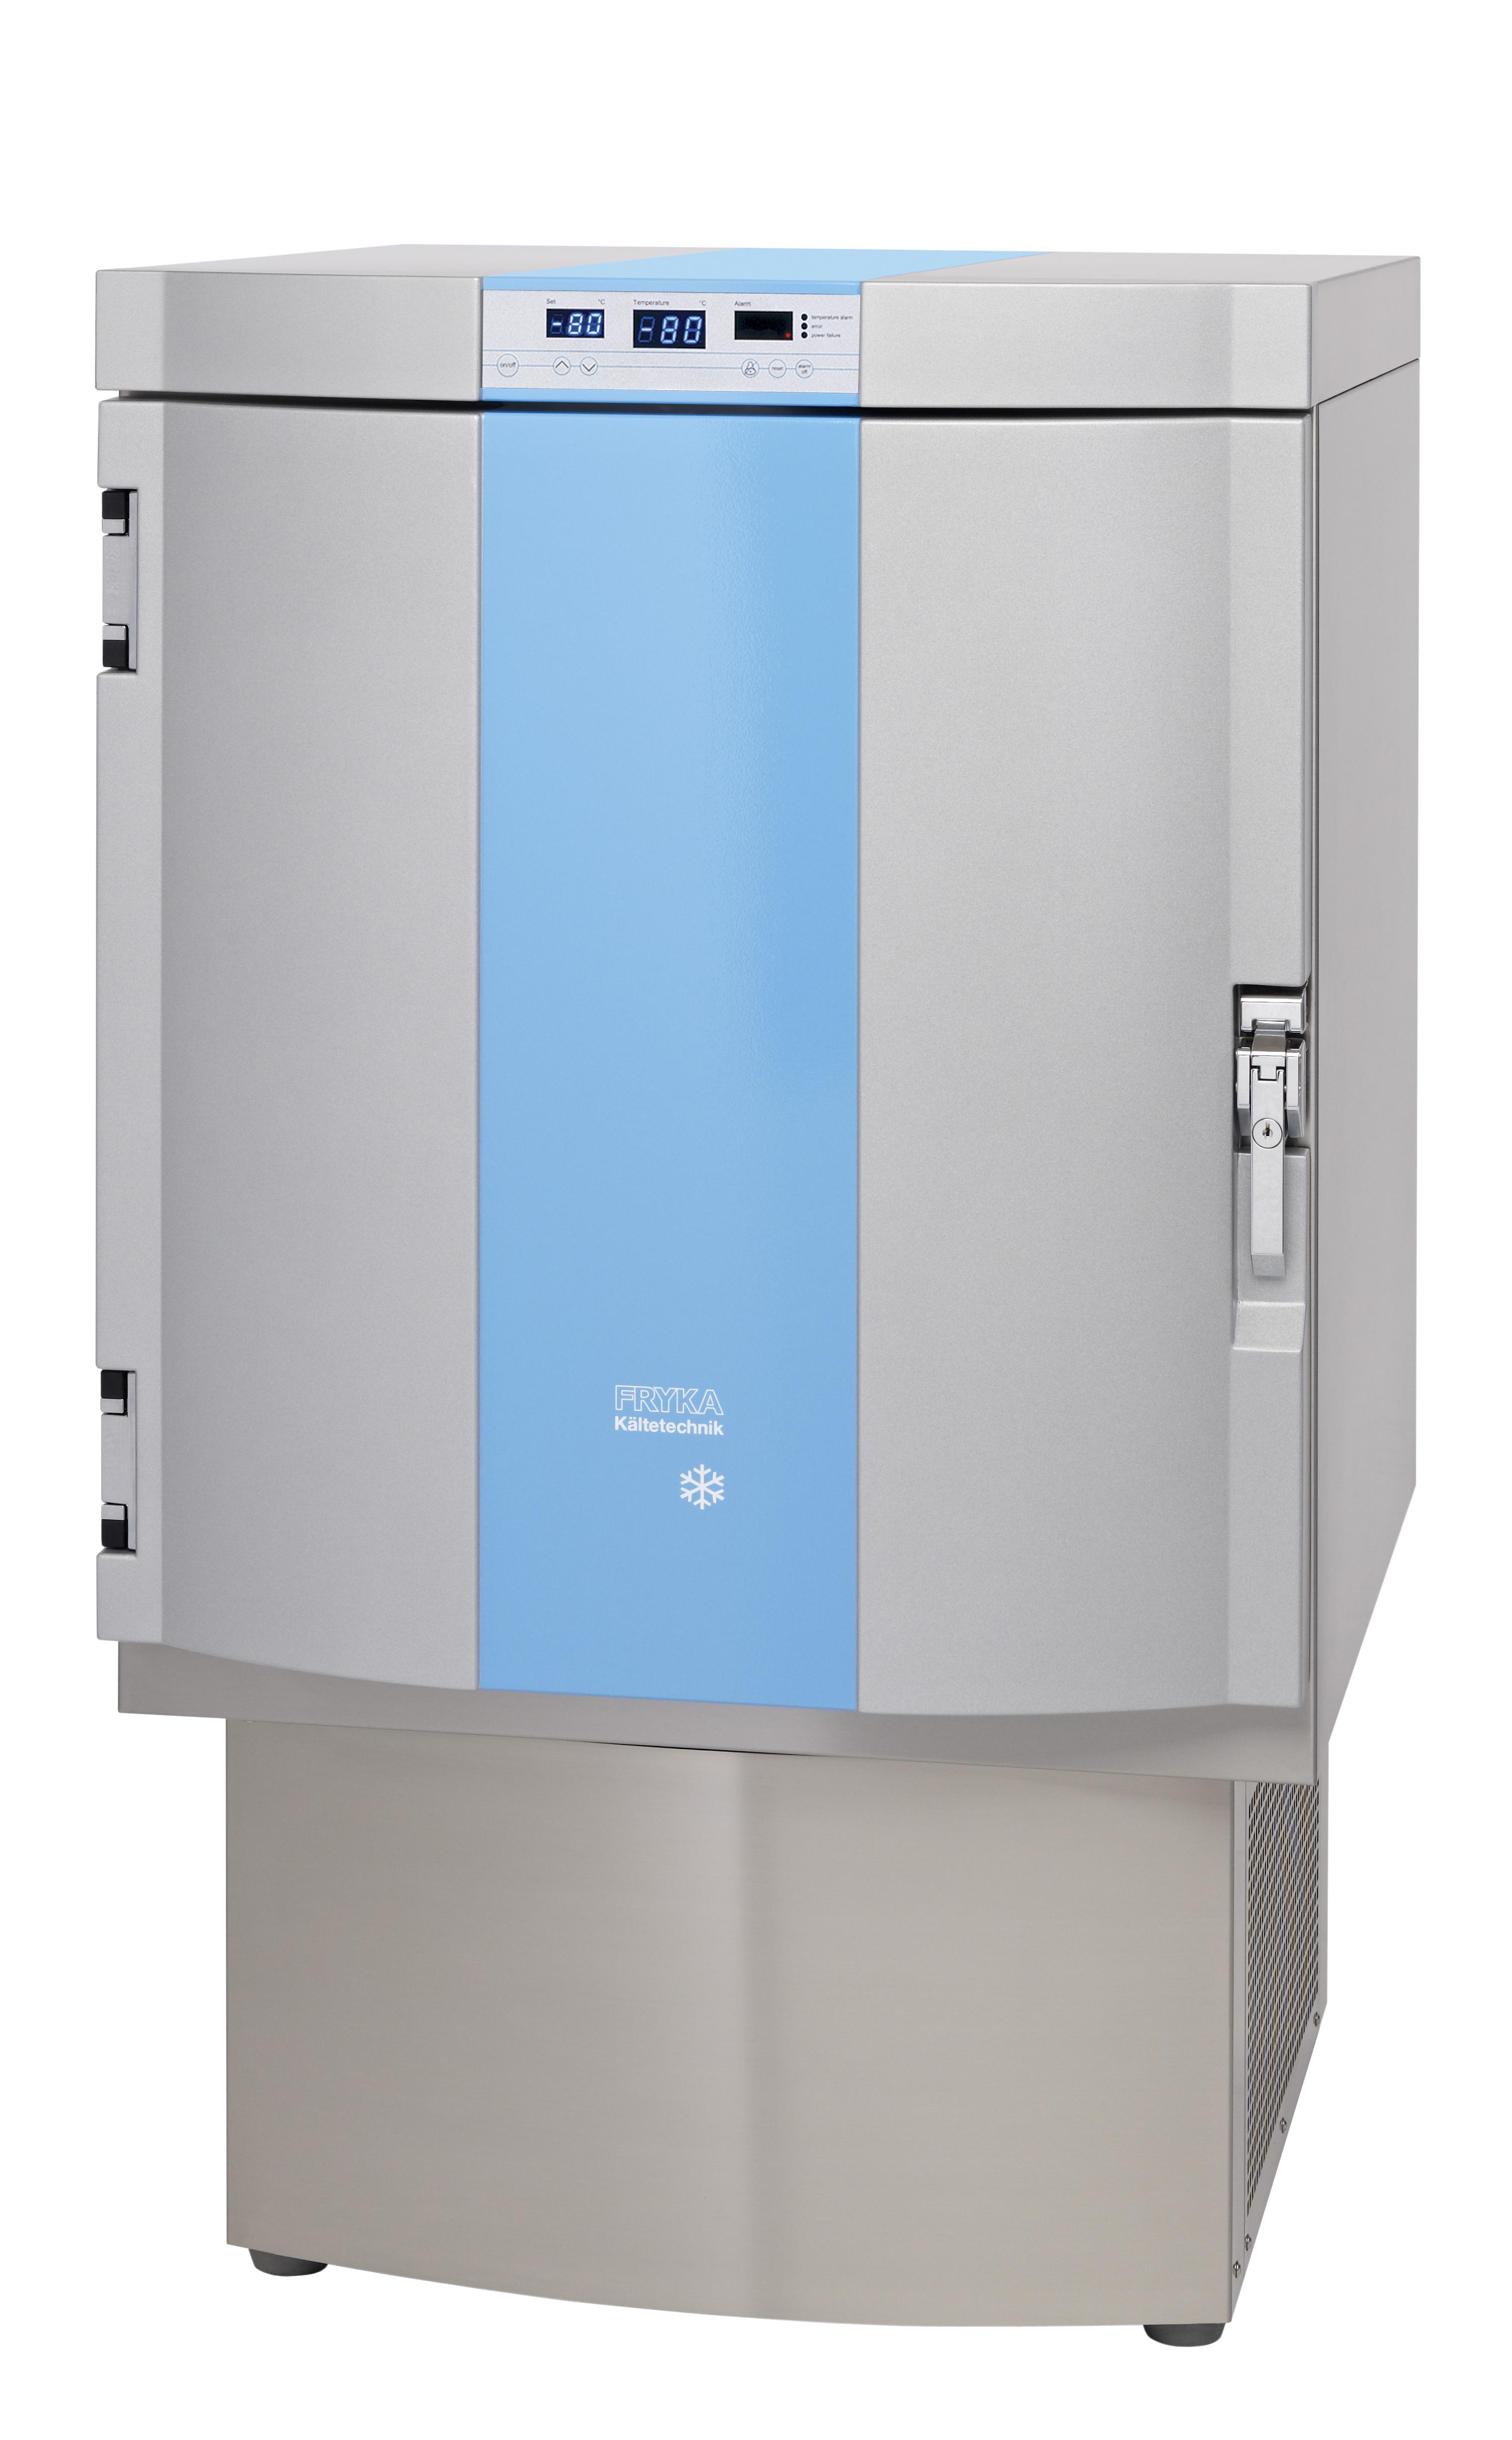 FRYKA Tiefkühlschrank TS 50-100 (-10?C bis -50?C)